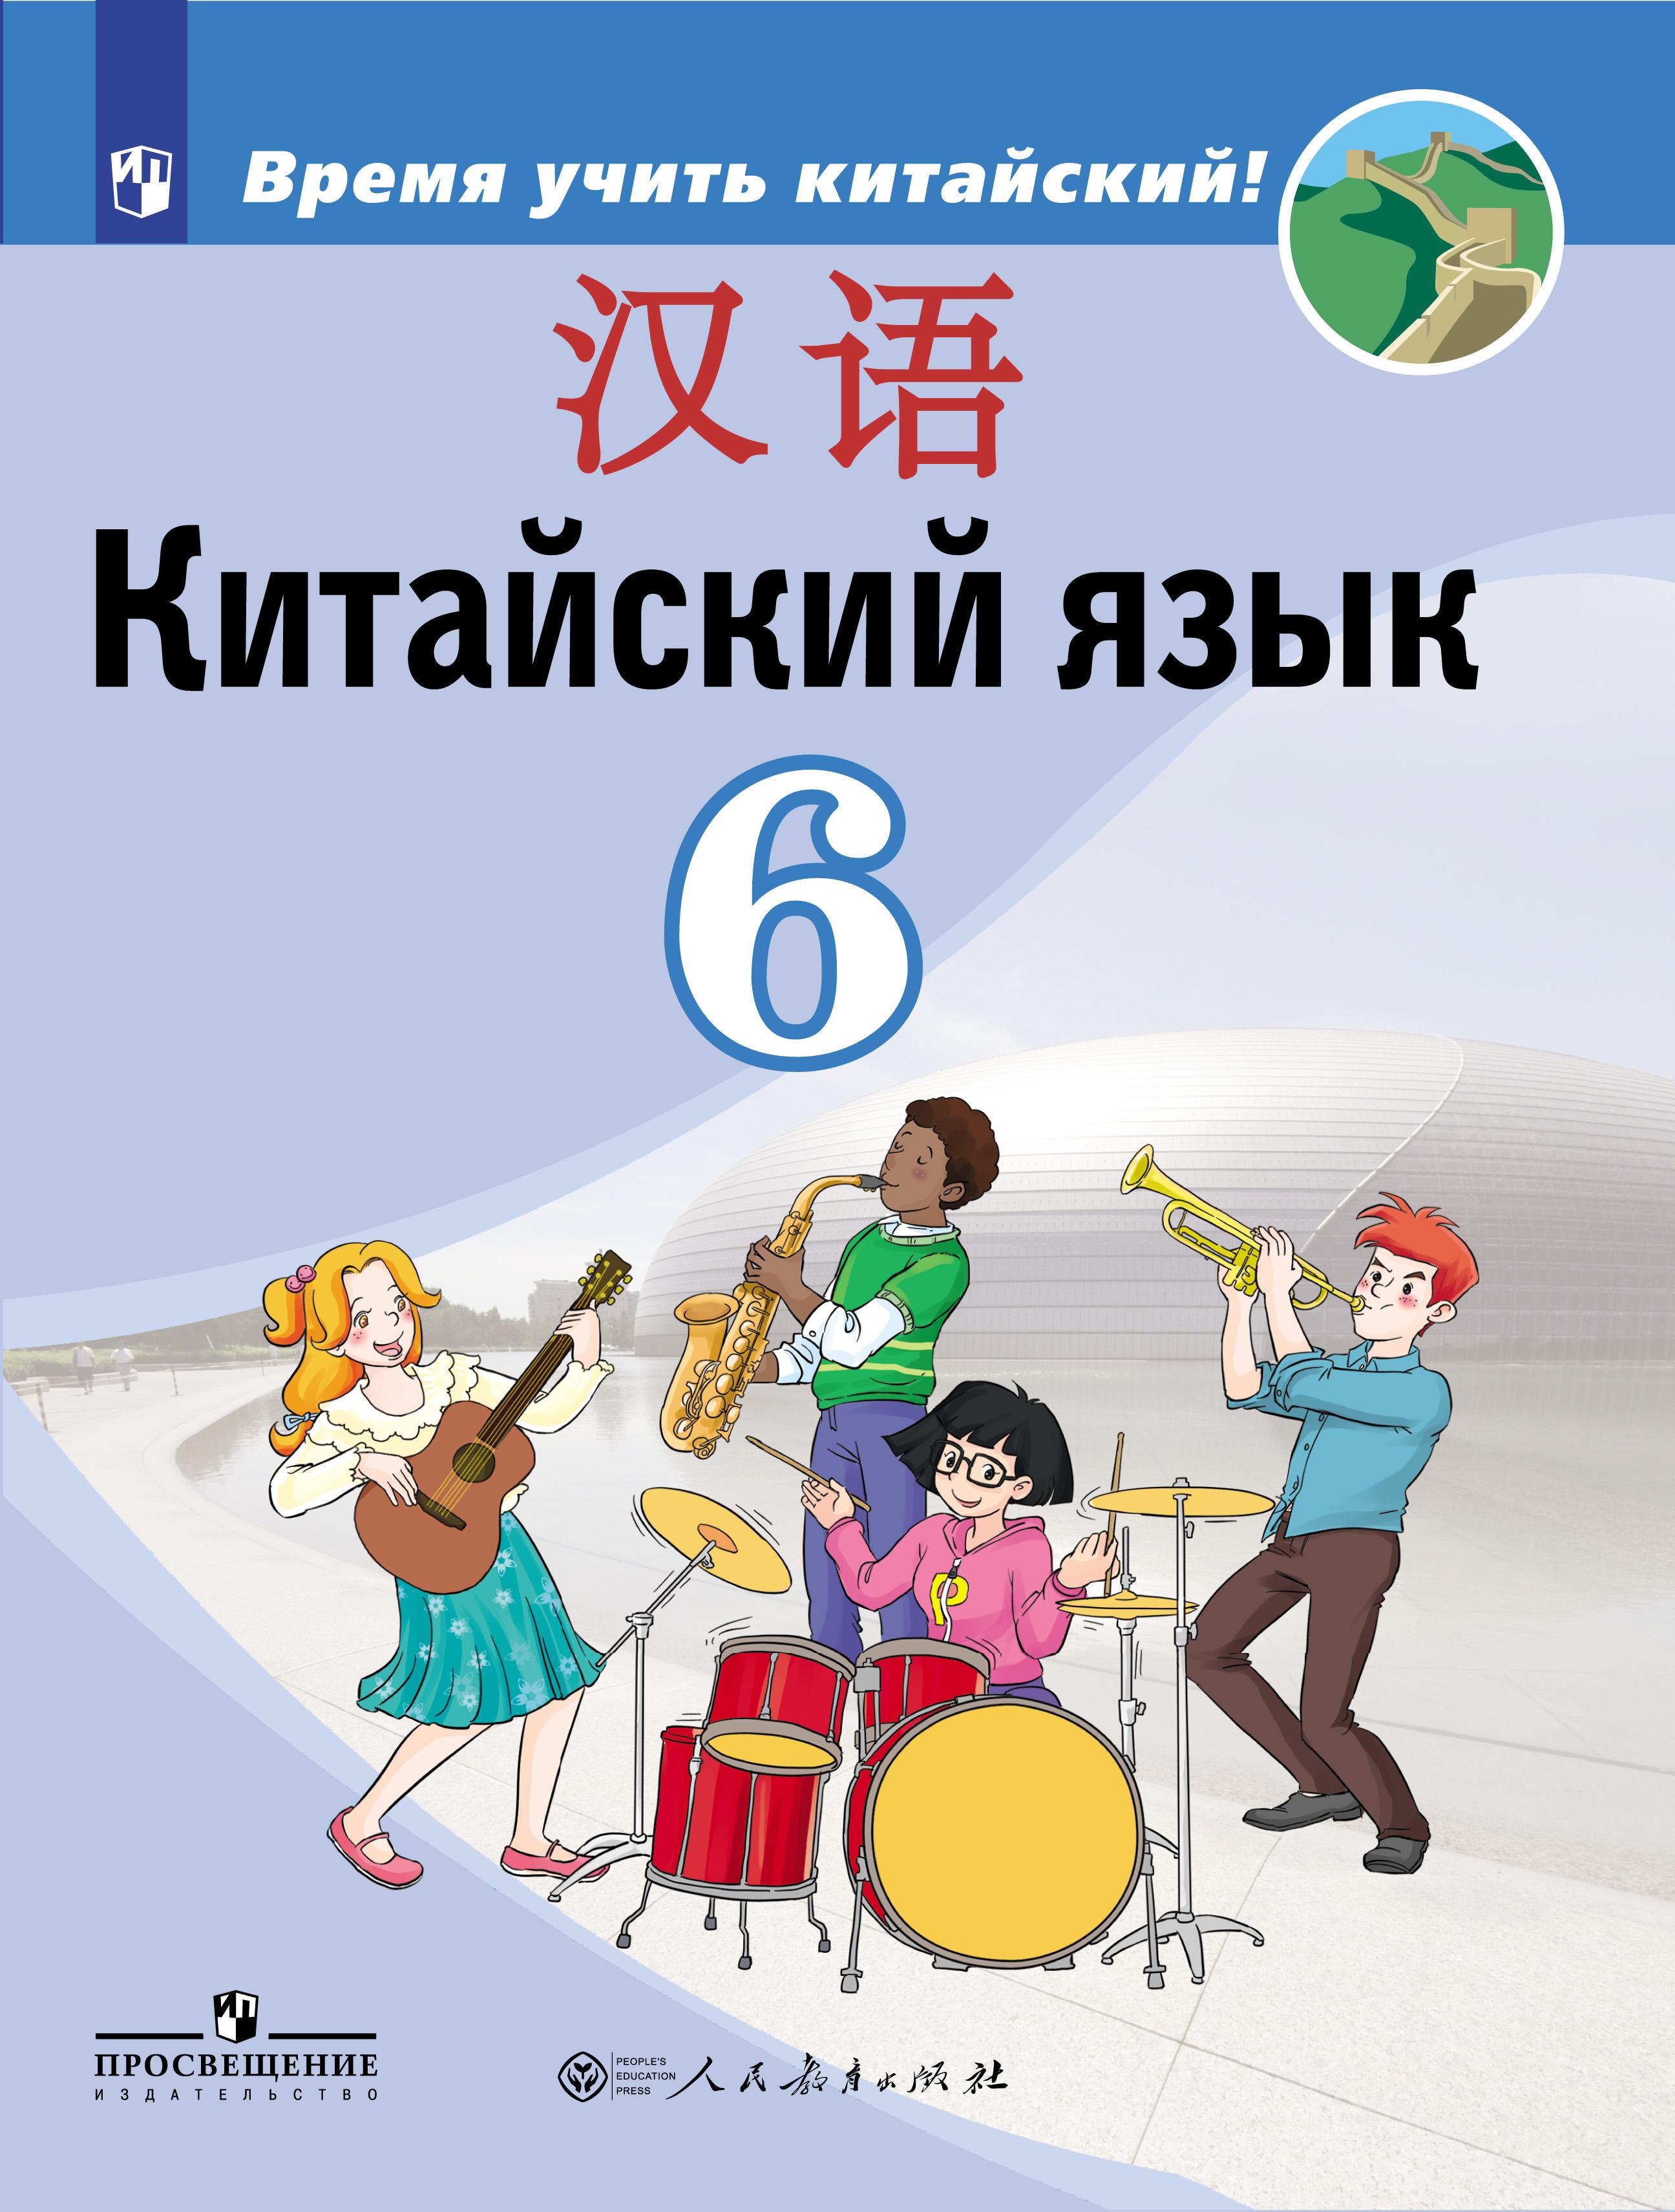 Китайский язык. Второй иностранный язык. 6 класс: учеб. пособие для общеобразоват. организаций